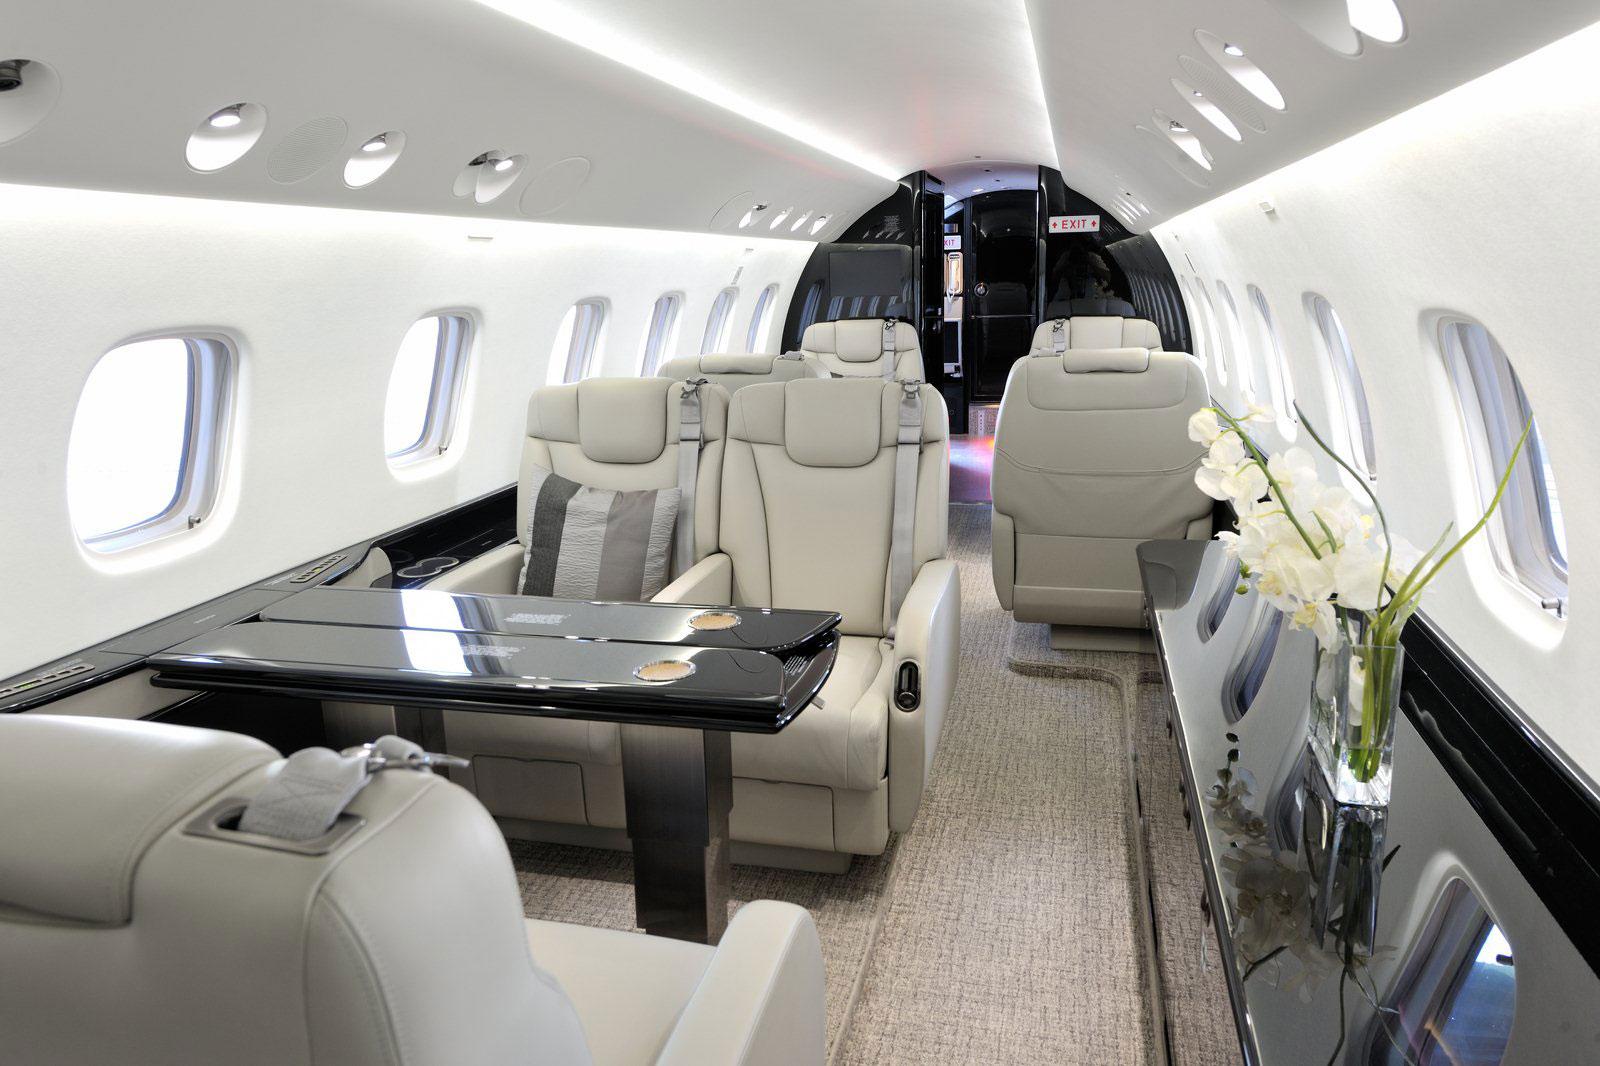 Кабина частного самолёта